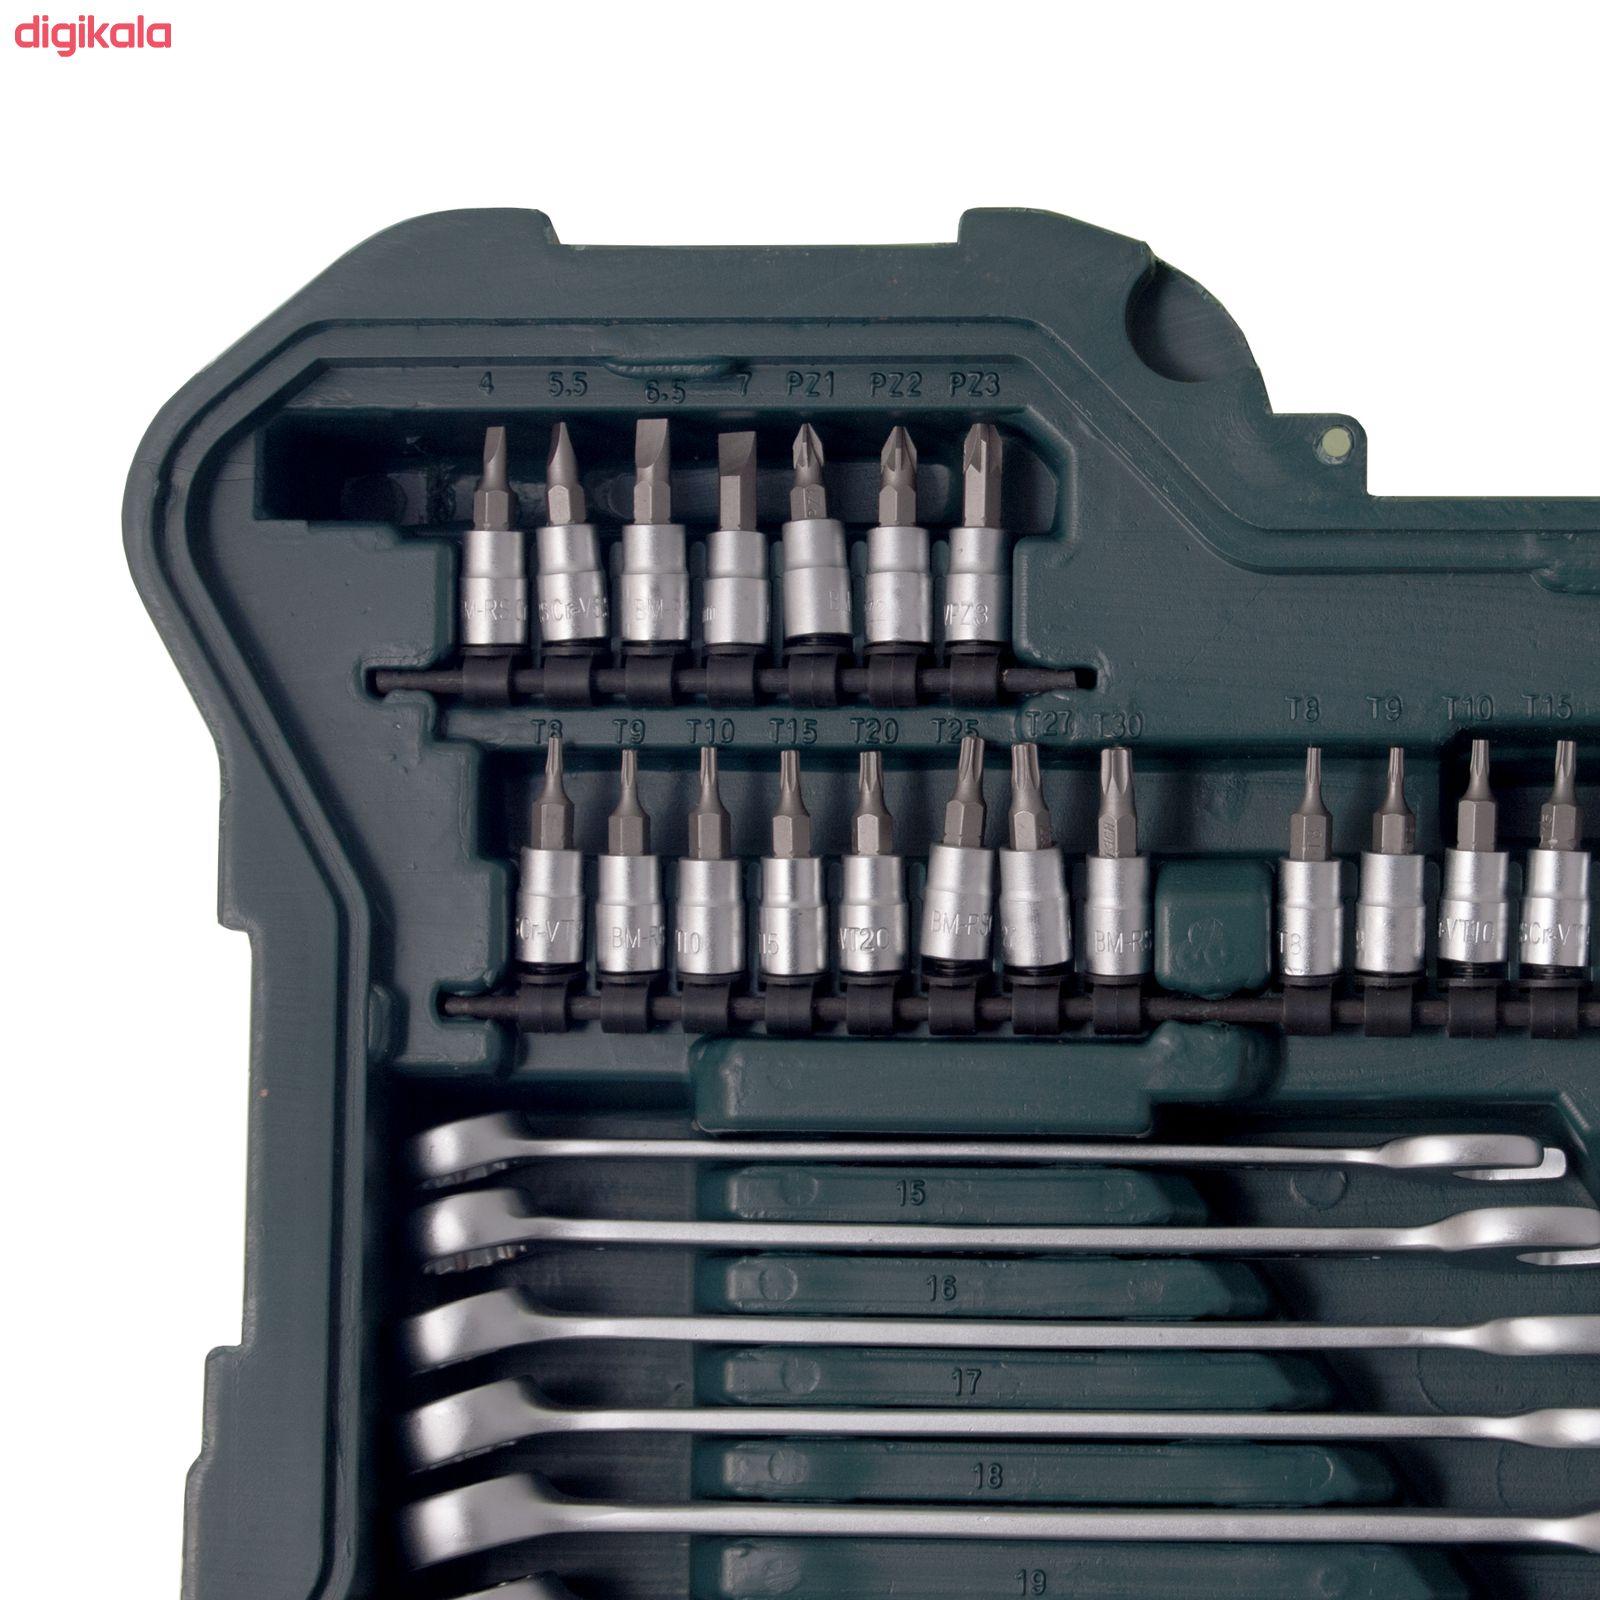 مجموعه 215 عددی آچار بکس و سری پیچ گوشتی ماموت مدل 90900035 main 1 3